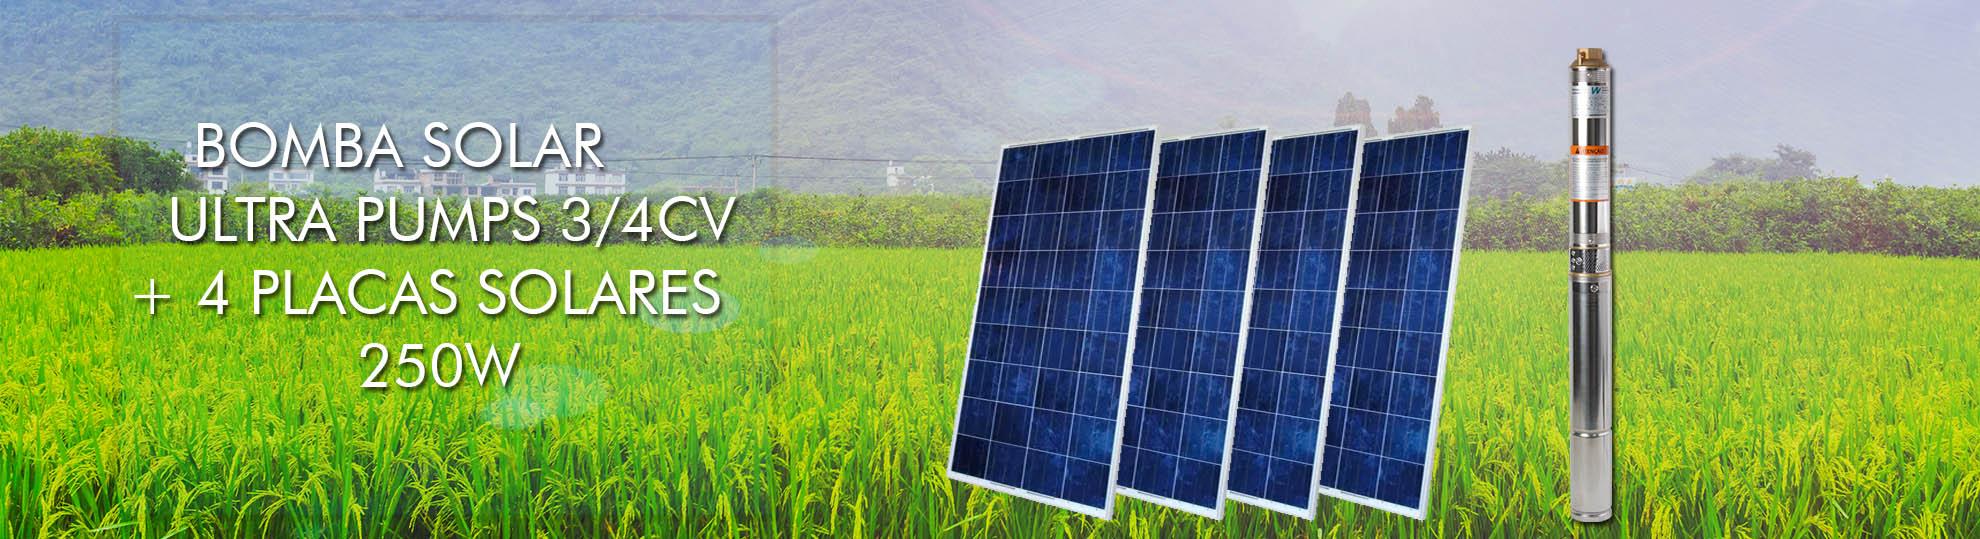 bomba solar + paneis solares